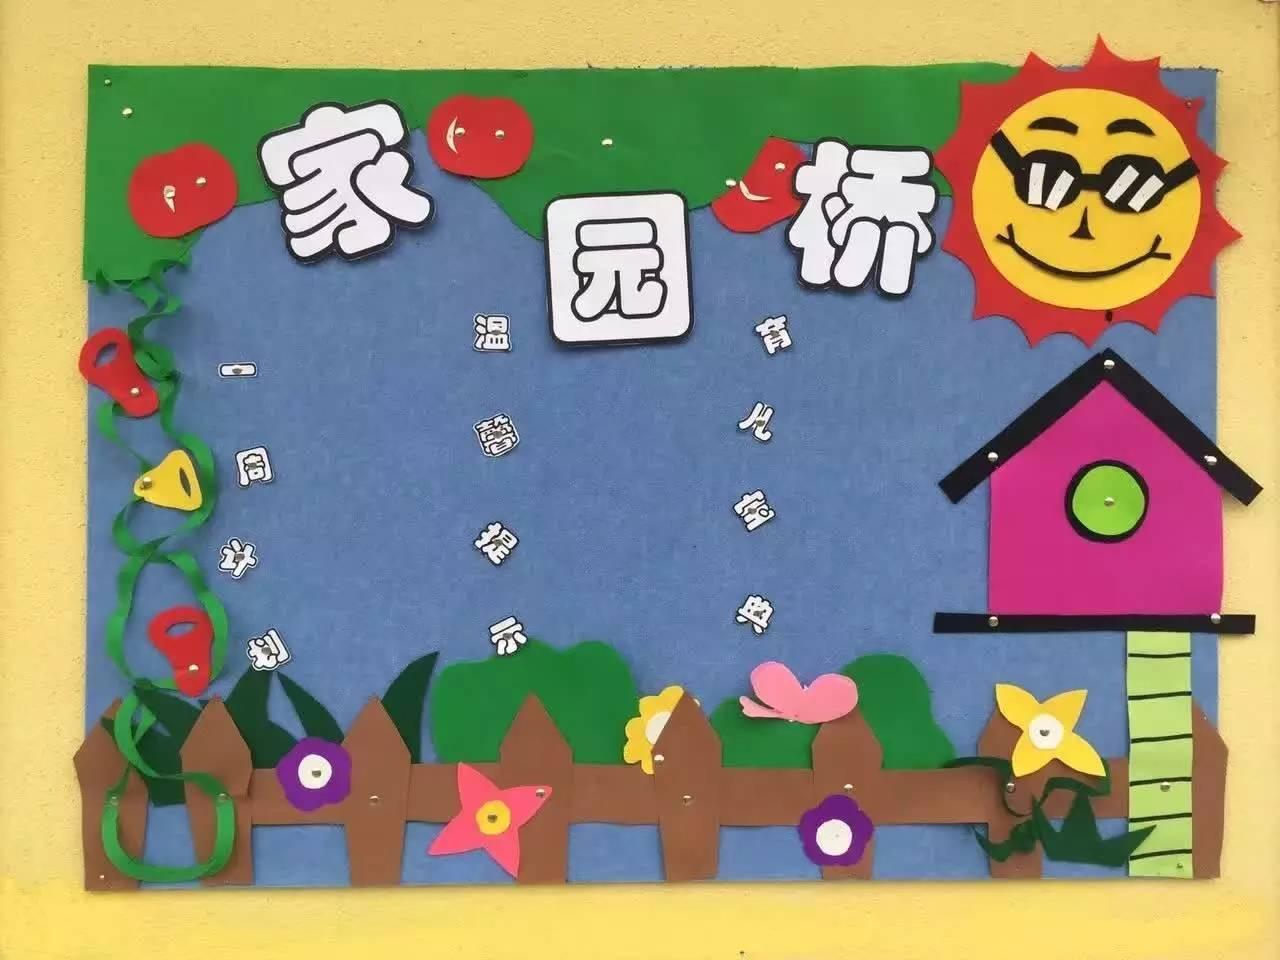 大方漂亮的幼儿园家园联系栏布置,幼师必备图片